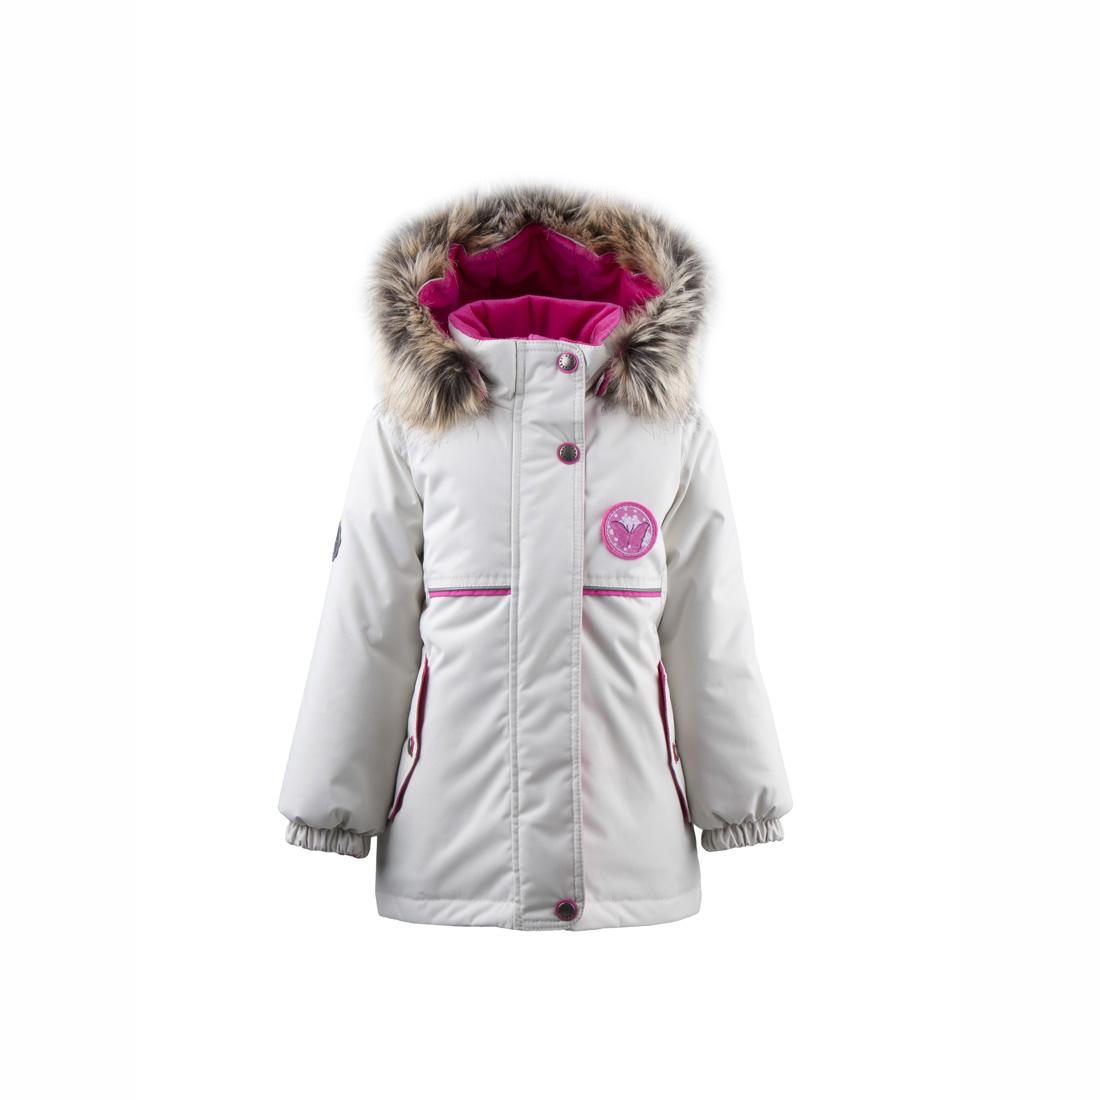 Куртка для девочек KERRY MIRIAM K19429, размер 122